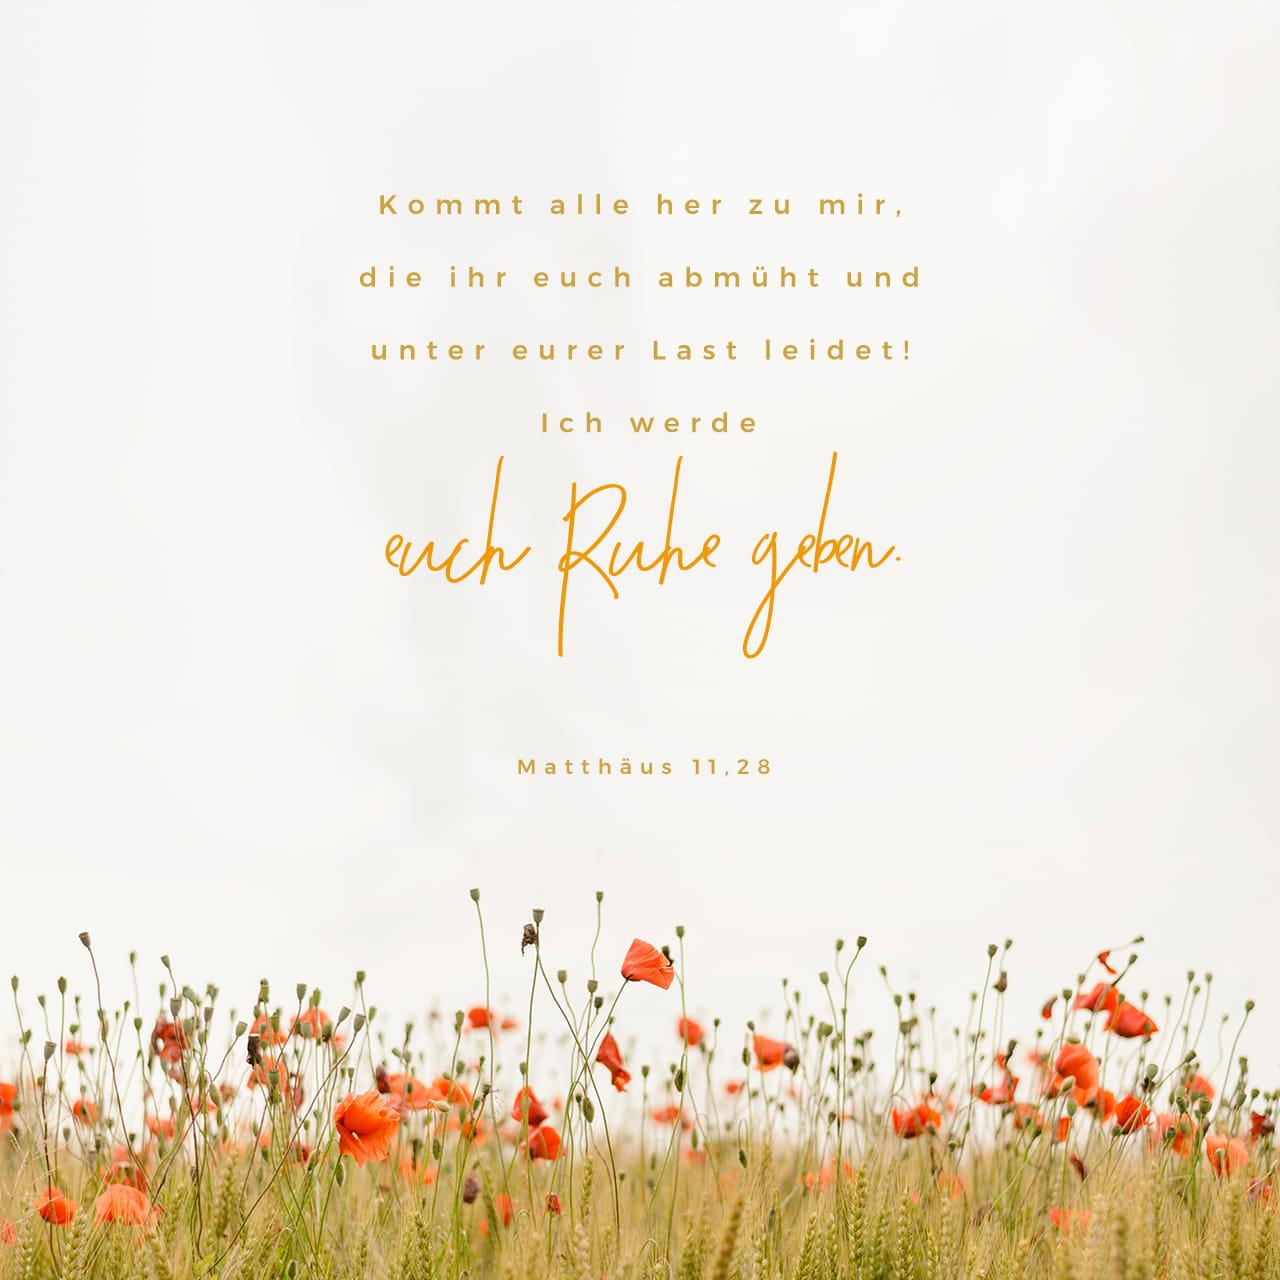 Matthäus 11:28 Kommt her zu mir alle, die ihr mühselig und